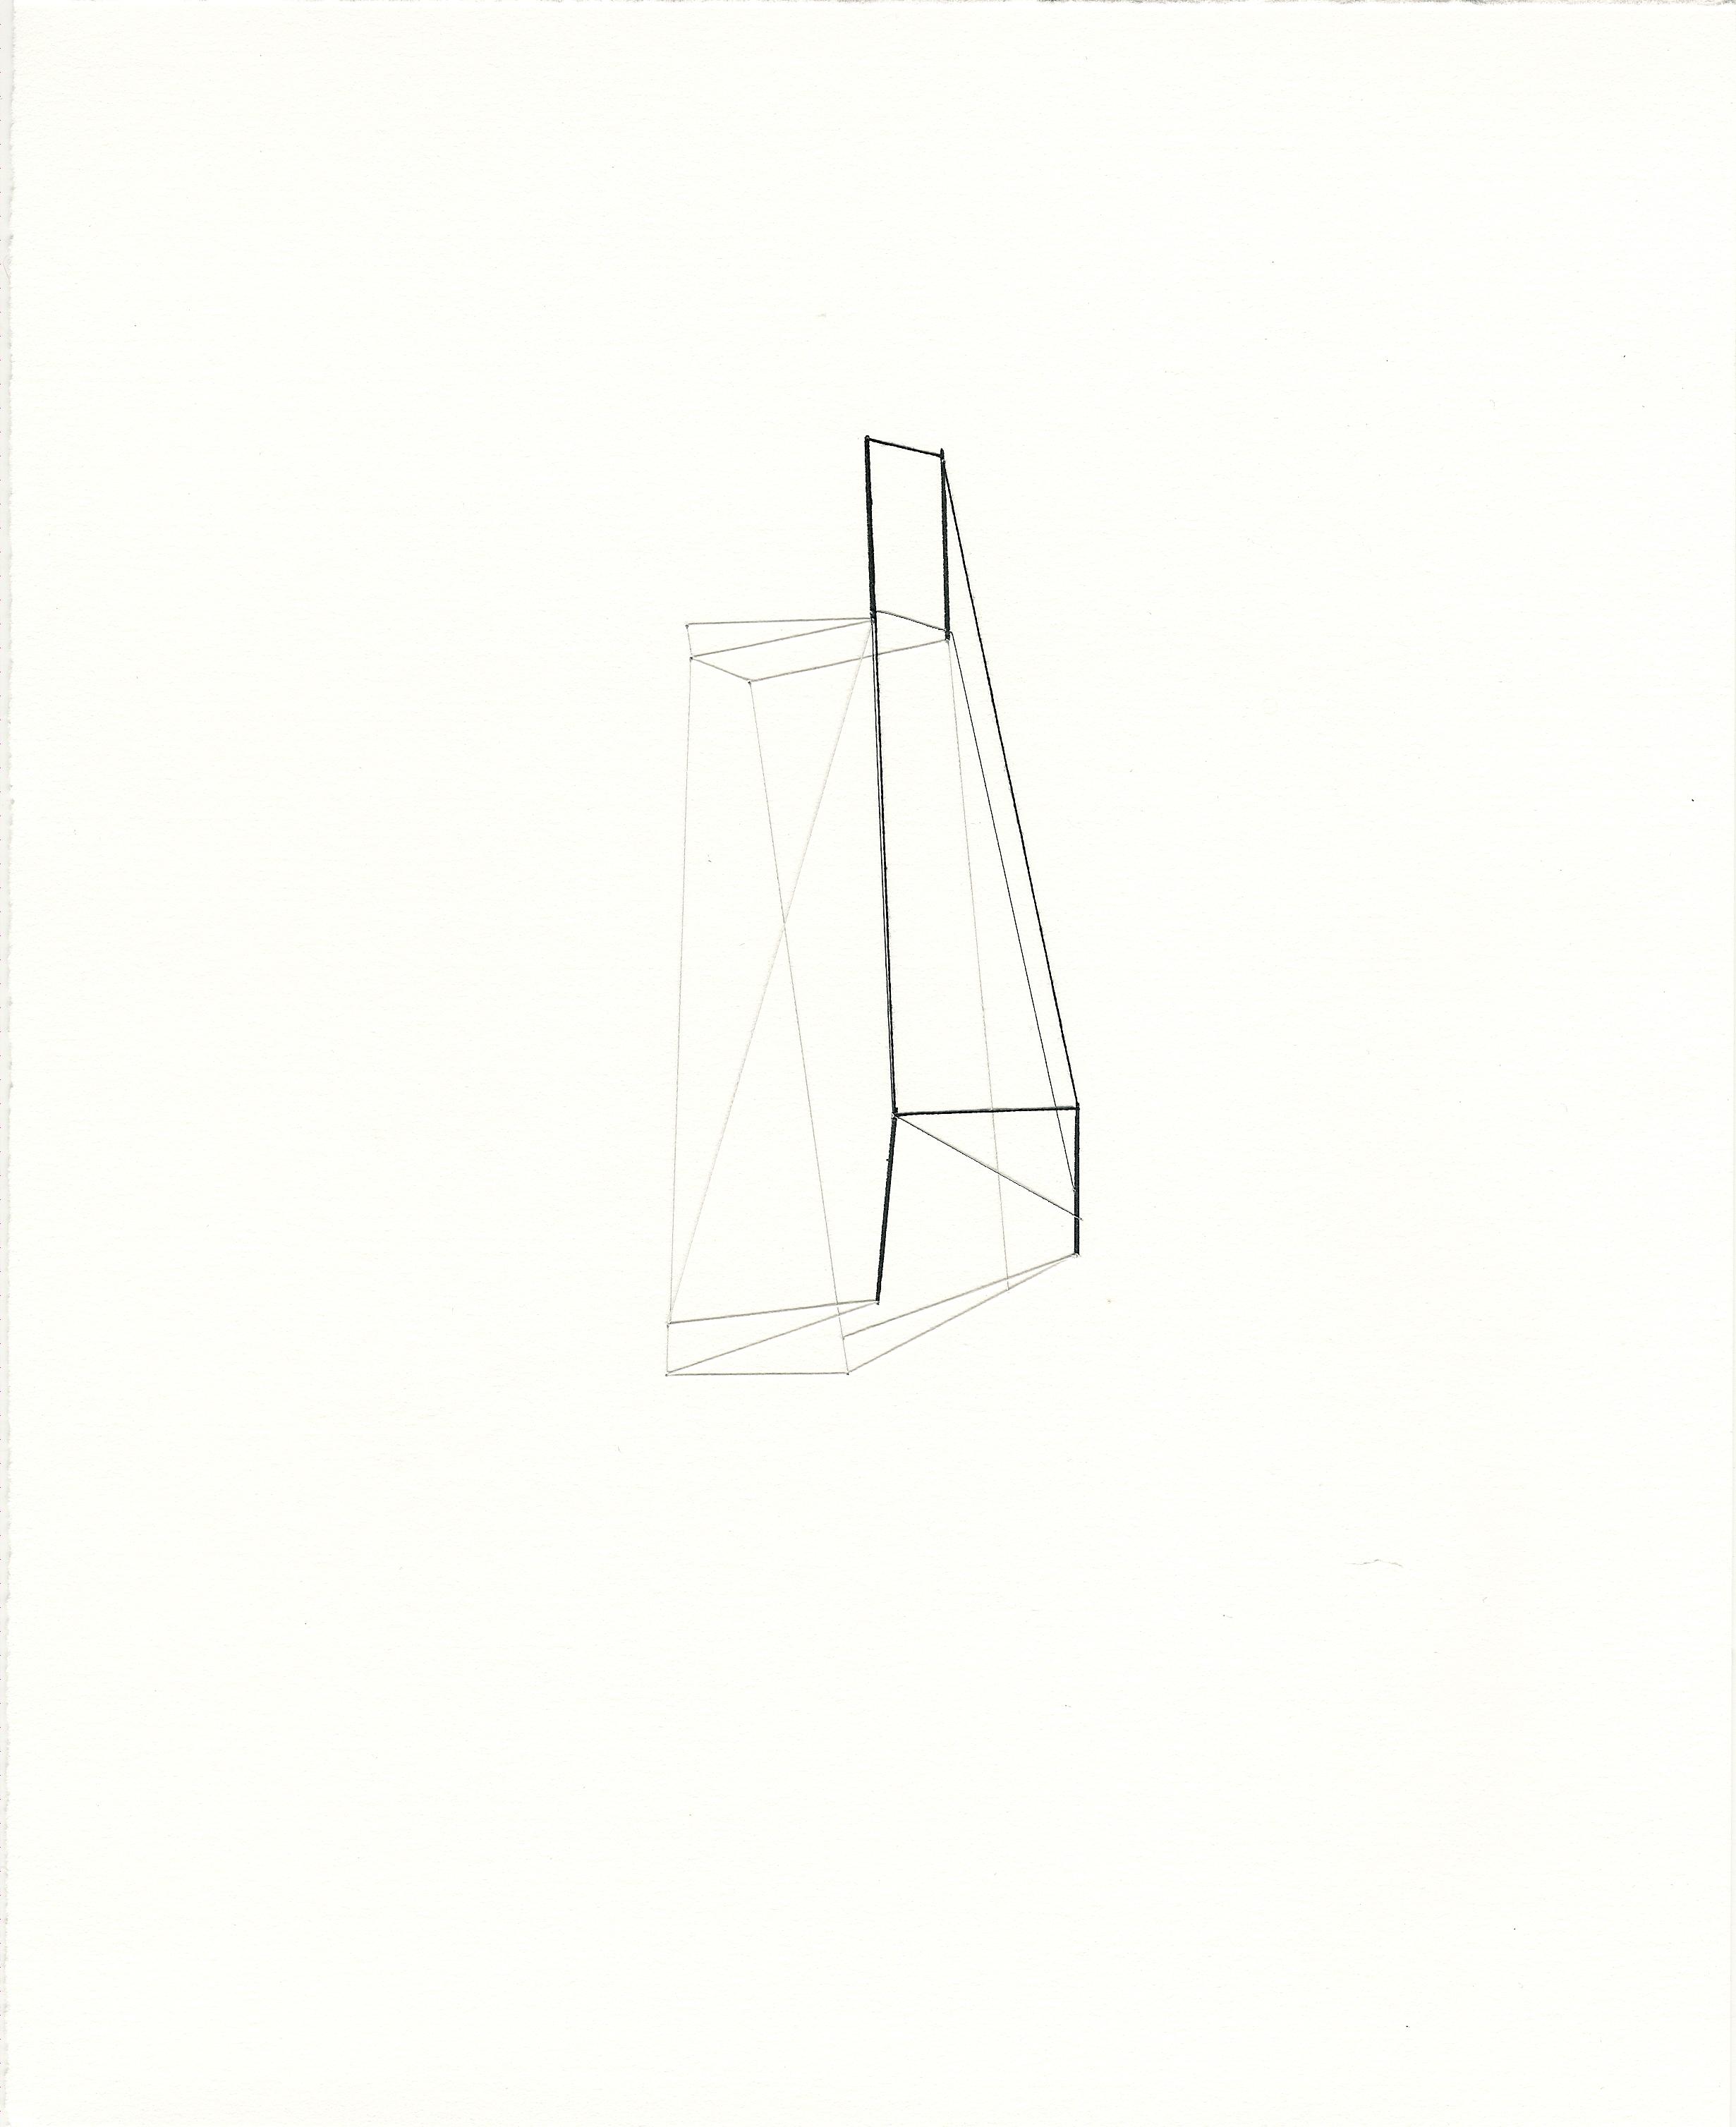 Lewis_Sage_8_shatter shimmer drawing 2.jpg